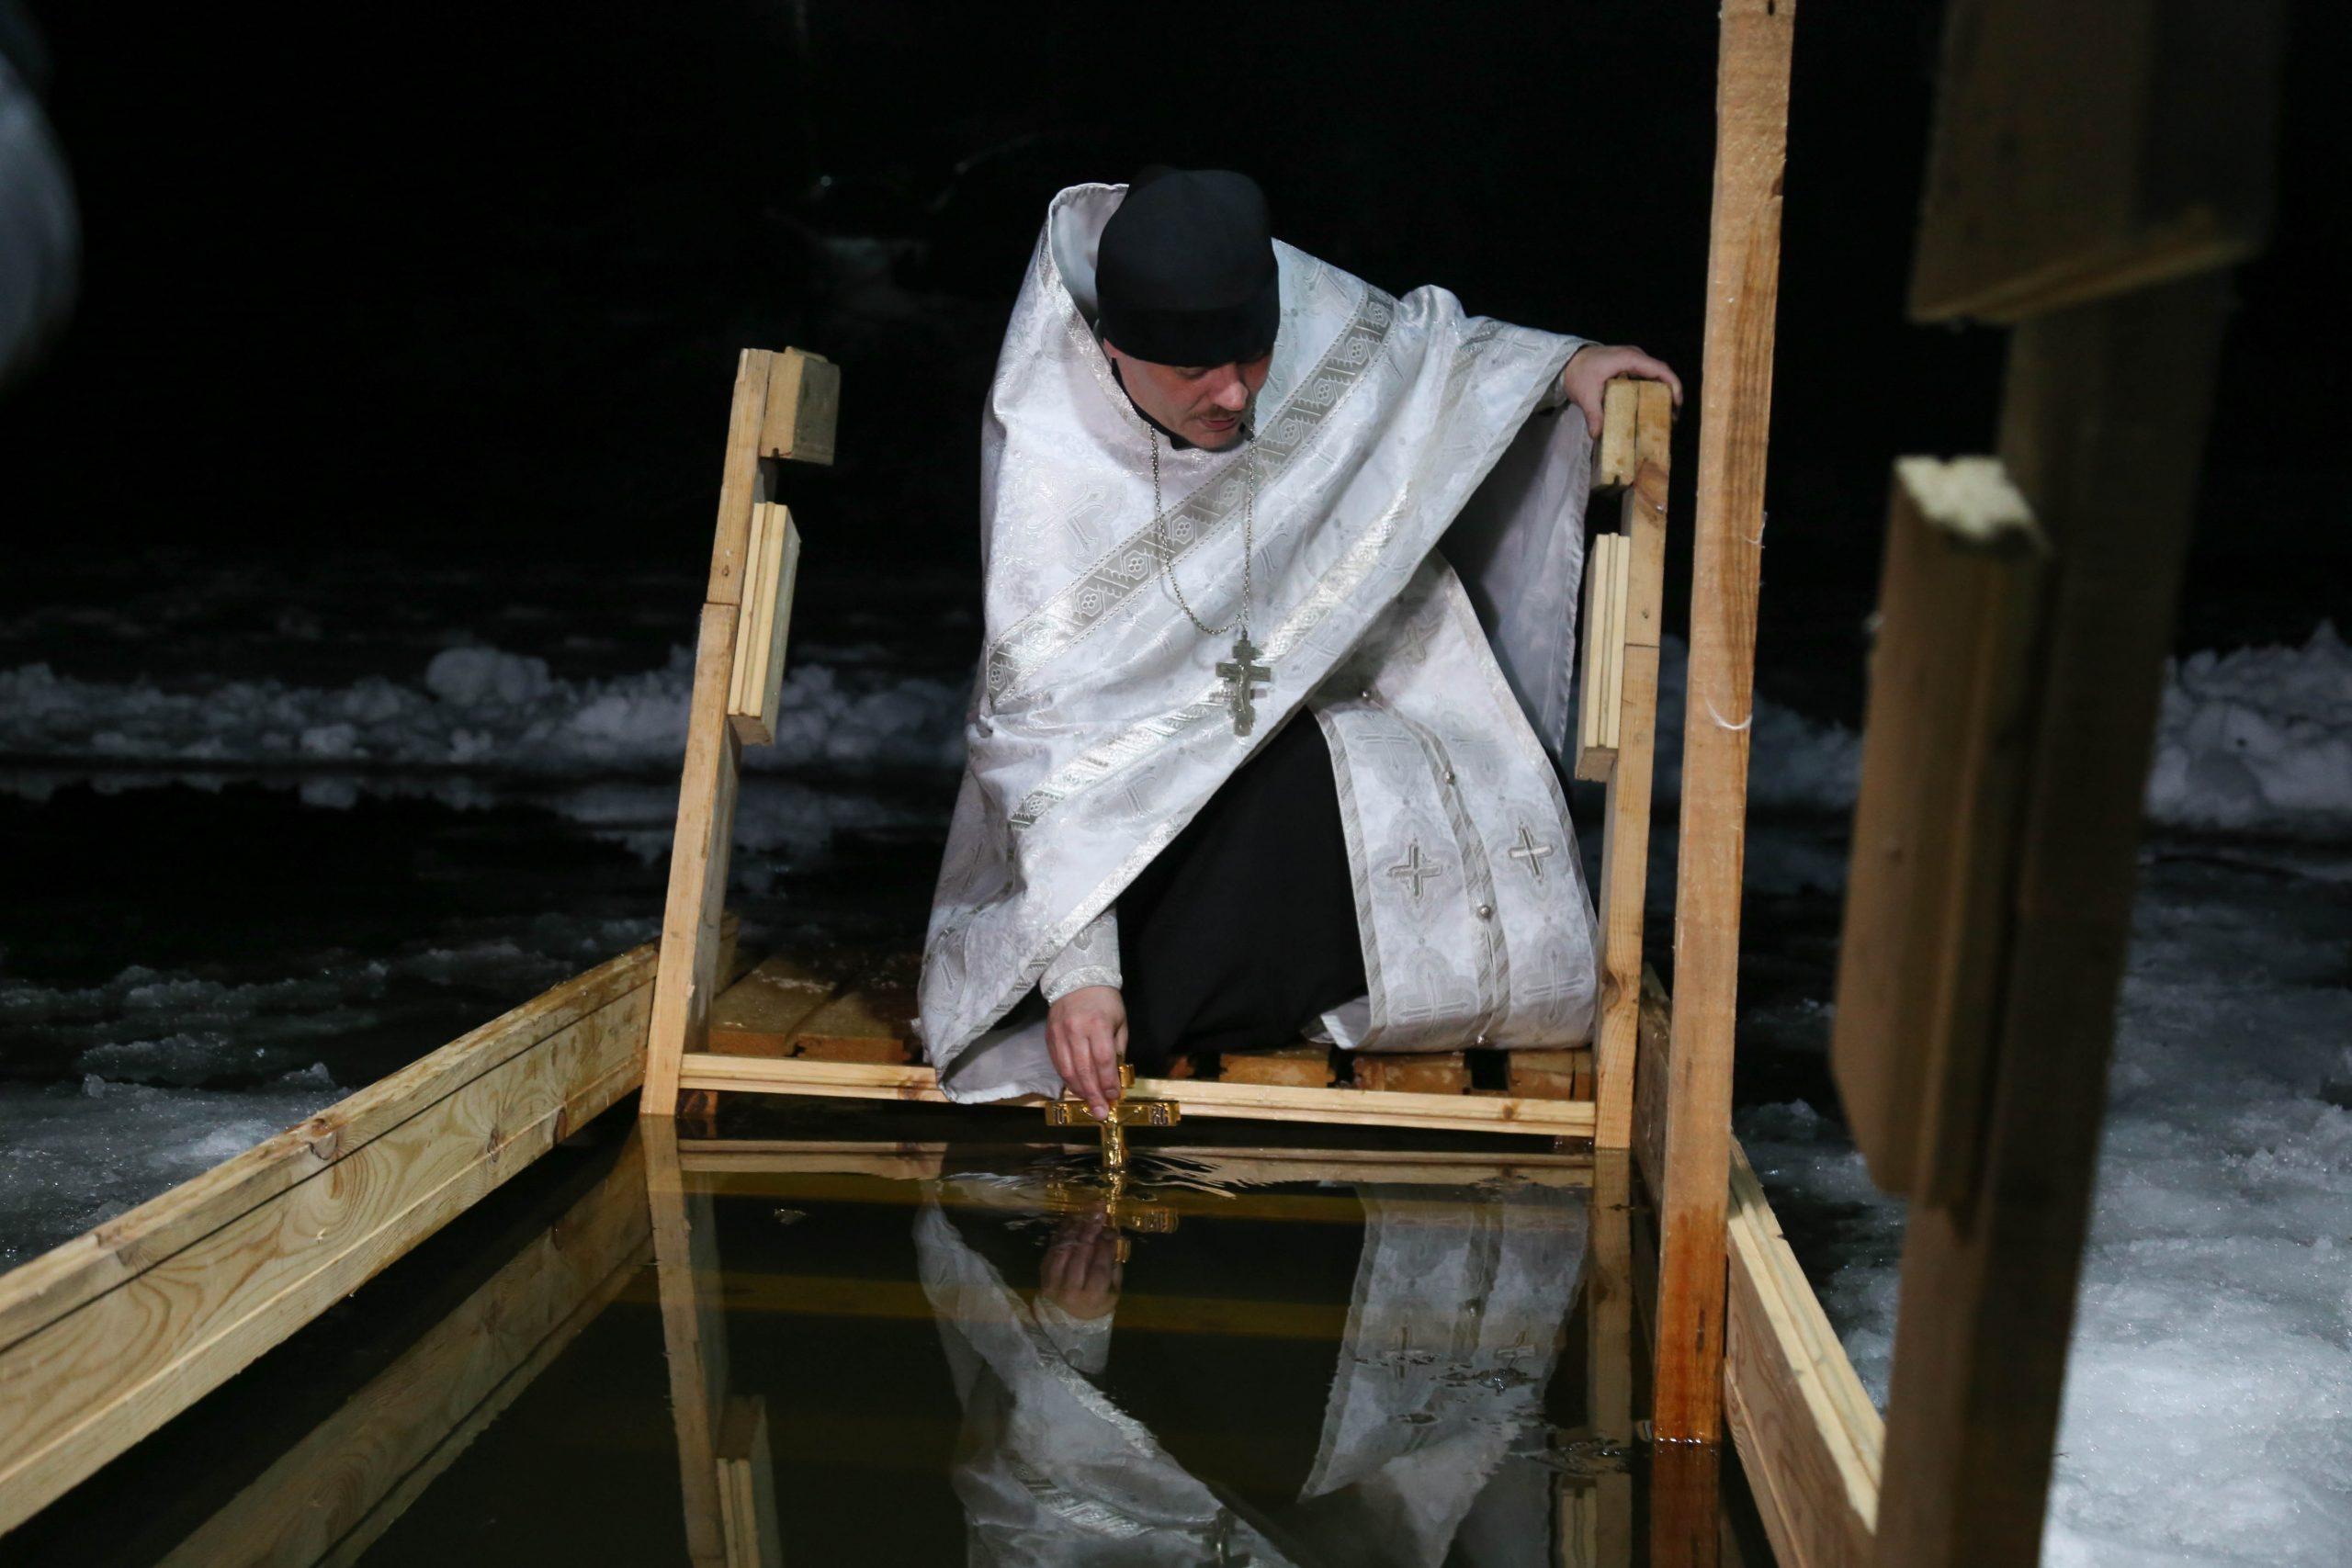 того, прорубь для крещения картинки абсолютно мой человек